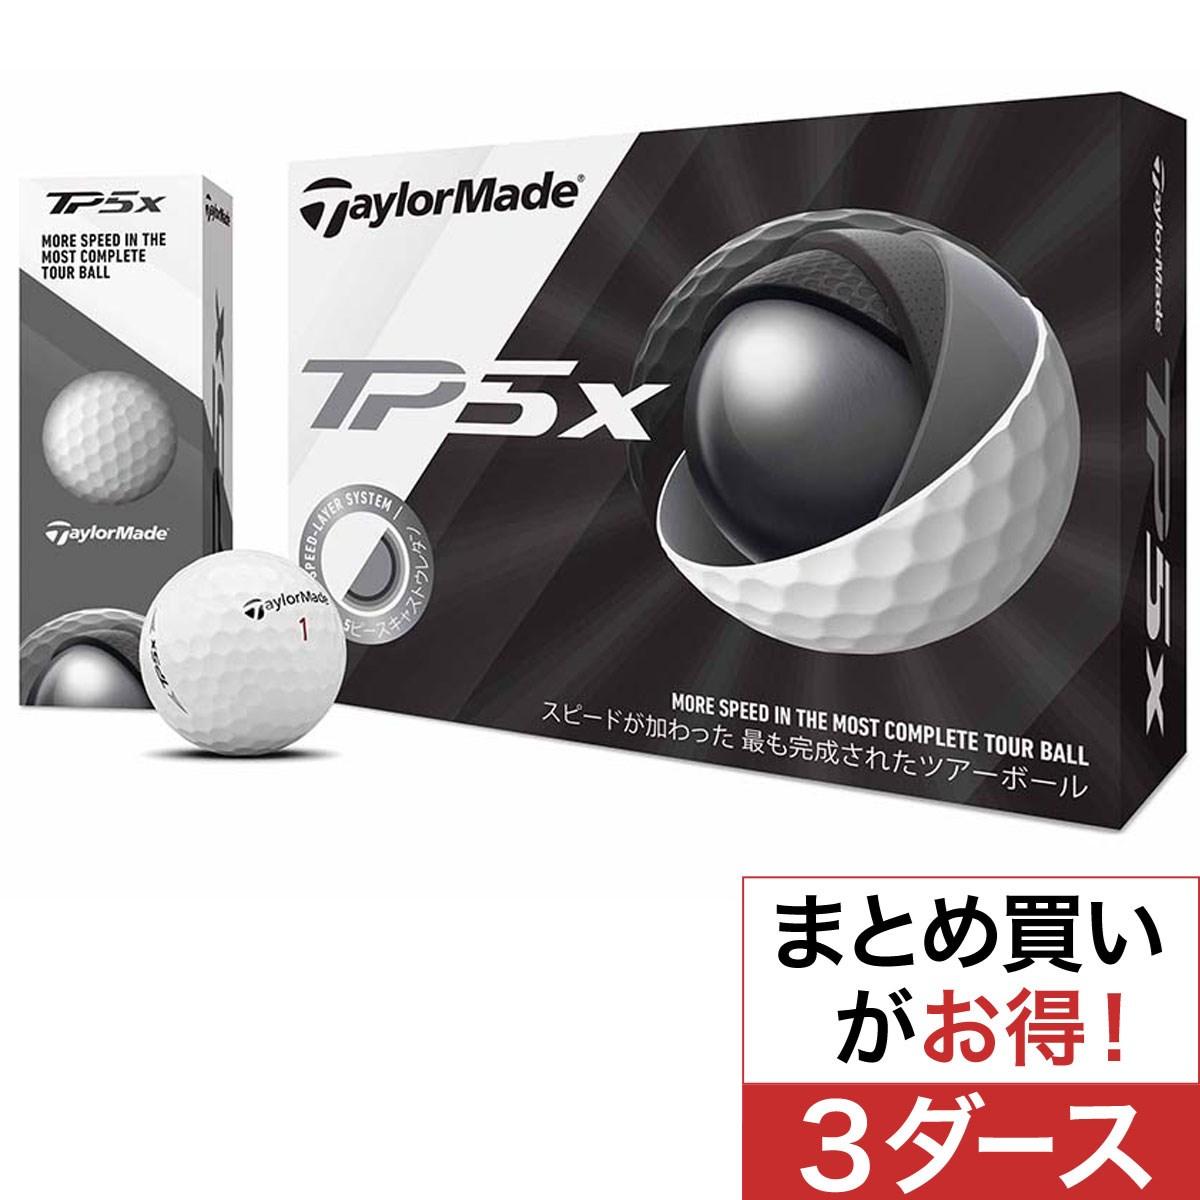 テーラーメイド(Taylor Made) TP5x ボール 3ダースセット